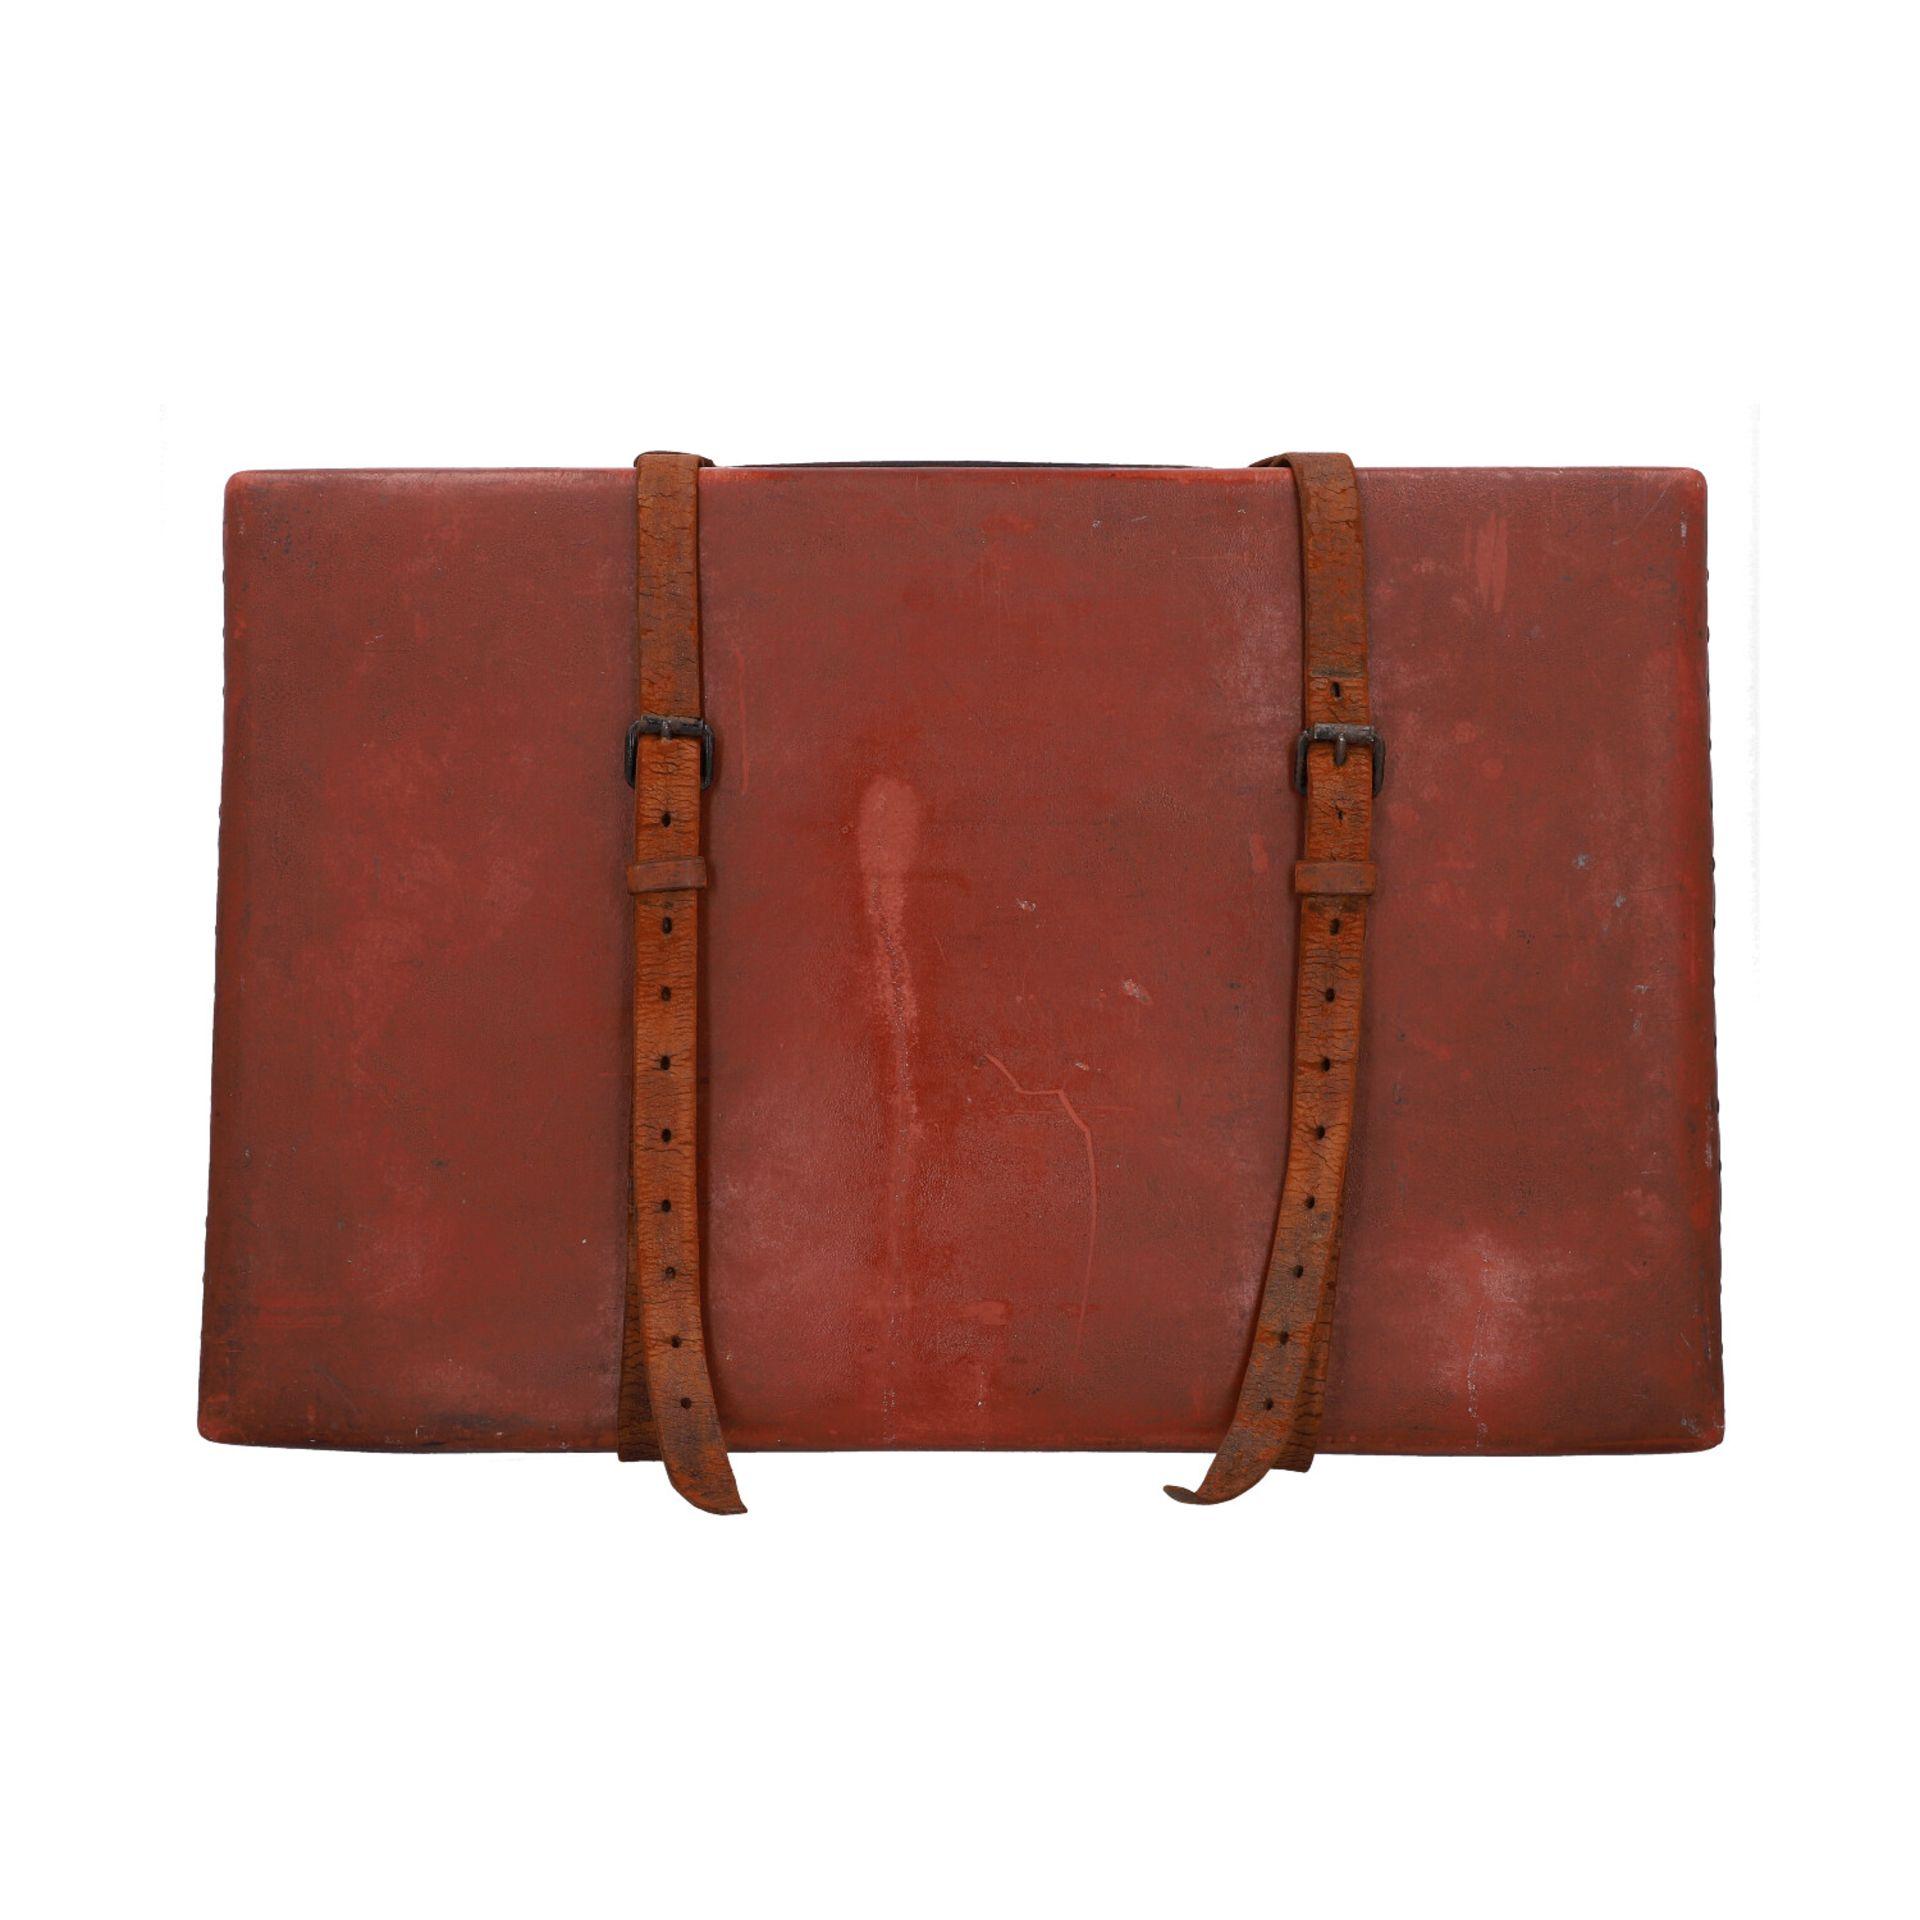 LOUIS VUITTON ANTIKER Reisekoffer, um 1900. Rarität - Sammlerstück! Mit eingravierte